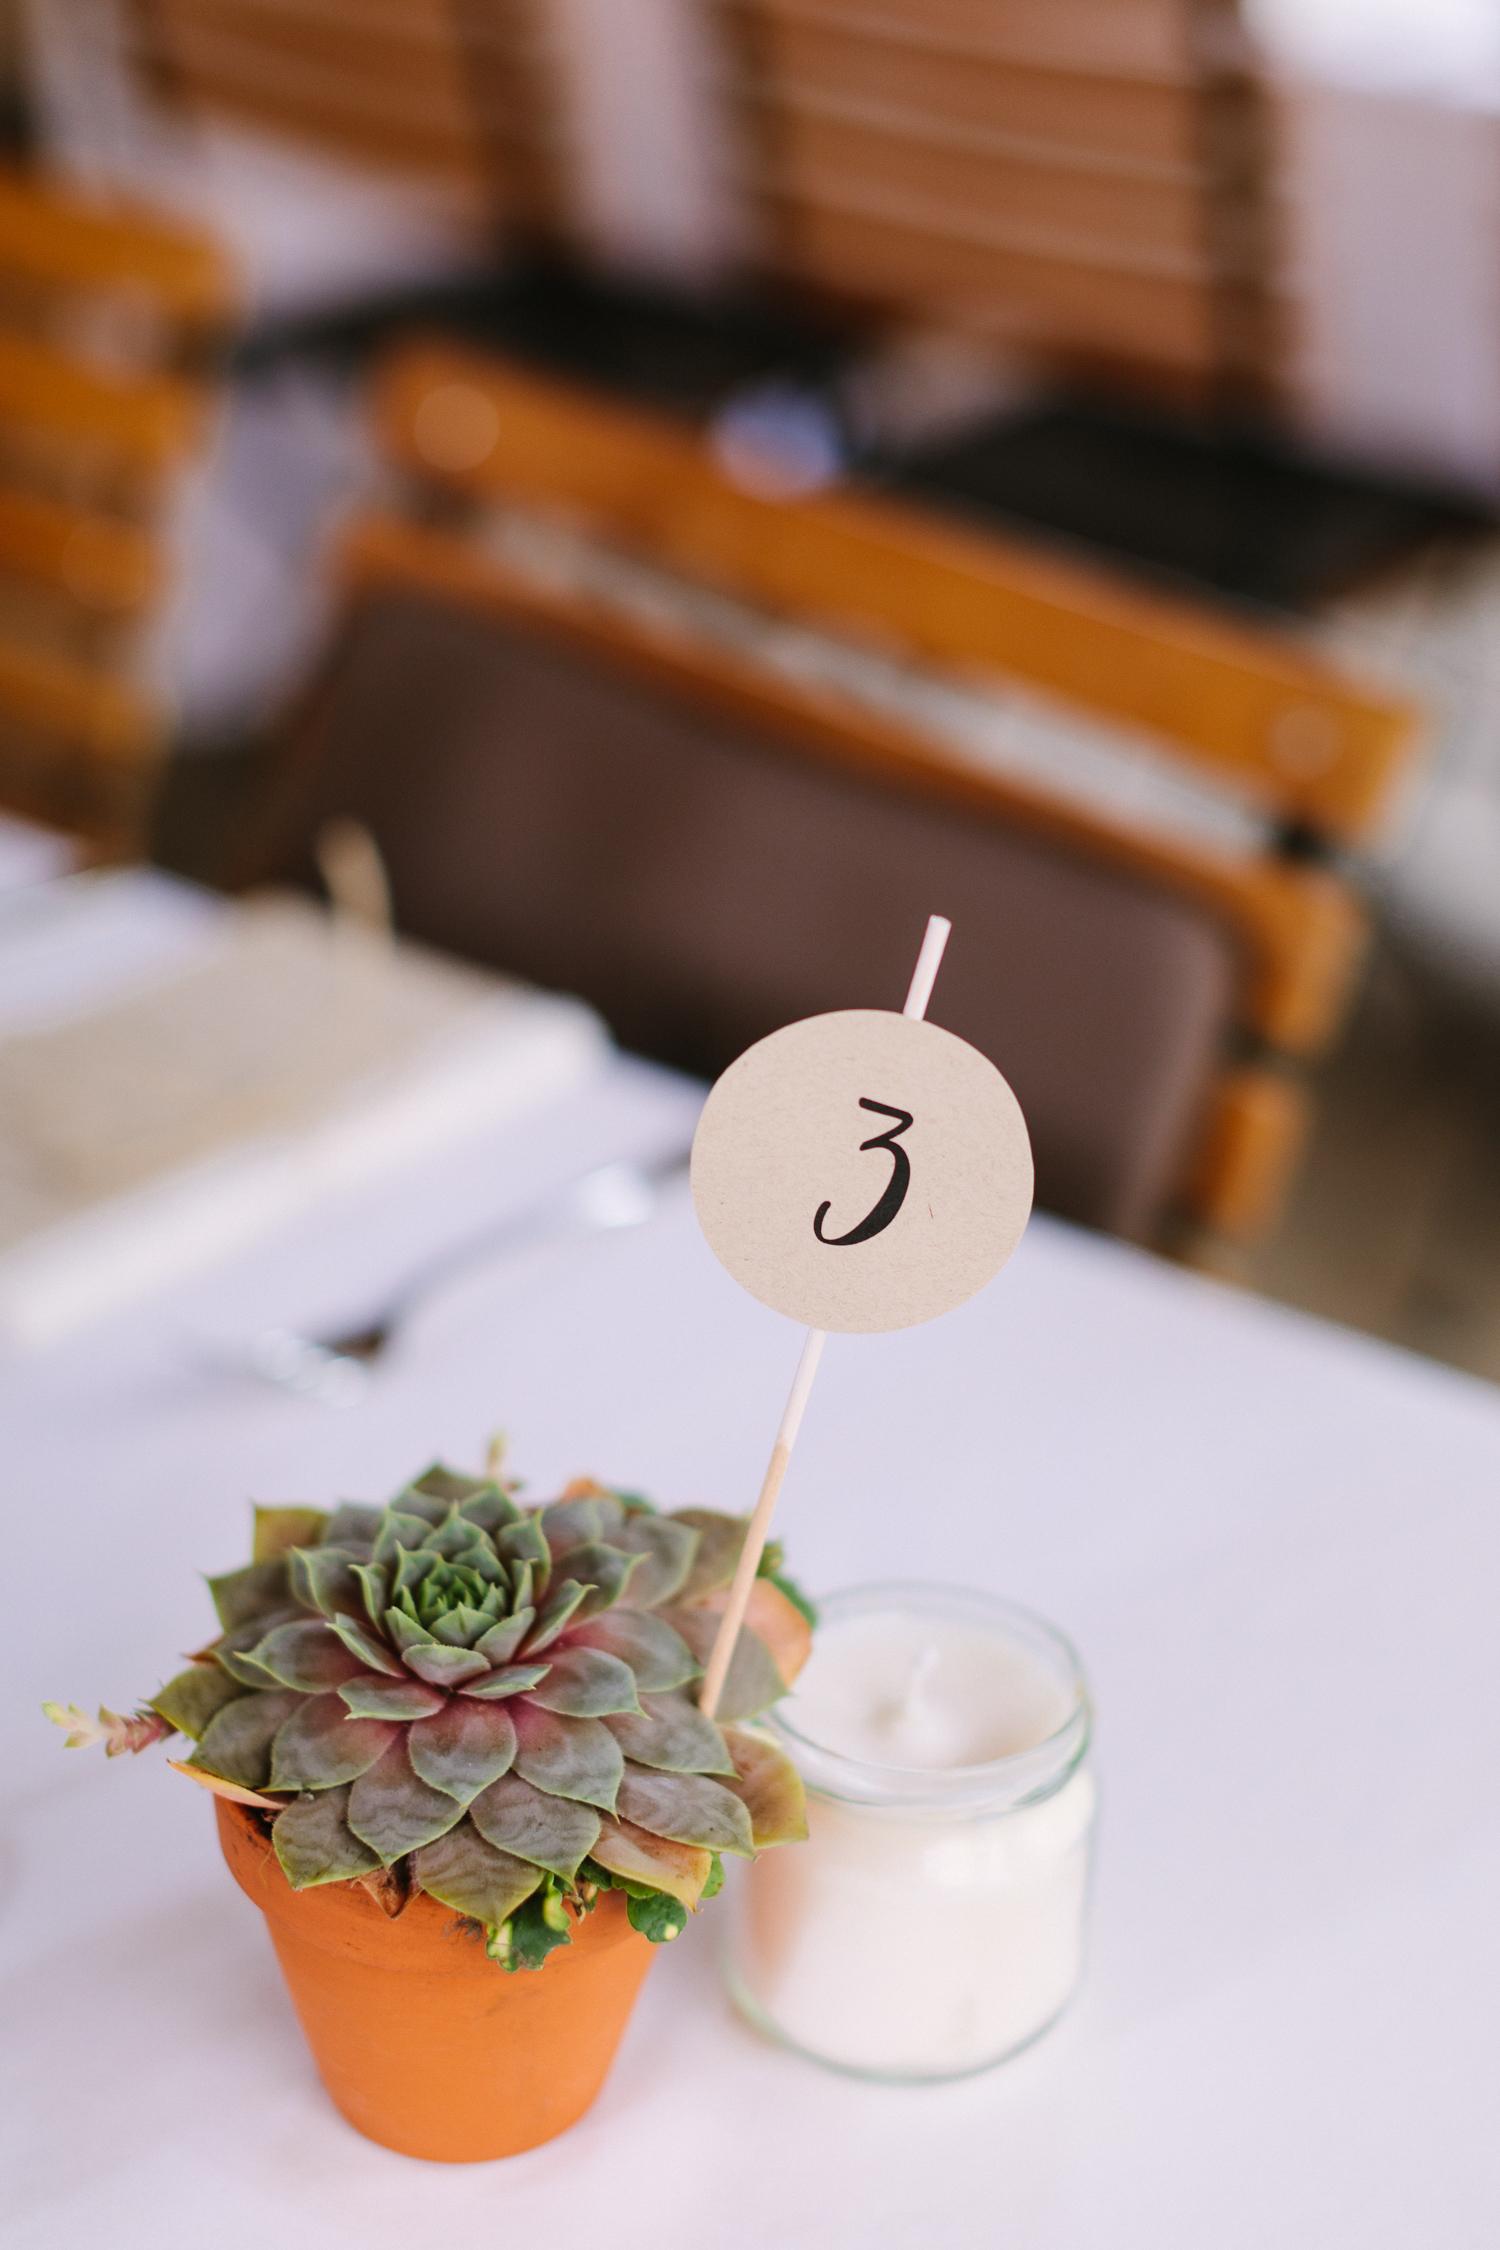 Tischnummer Hochzeit selbstgemacht, Tischnummer Sukkulenten Hochzeit, Tischnummer DIY Greenery, Tischnummer Greenery, Tischnummer Hochzeit